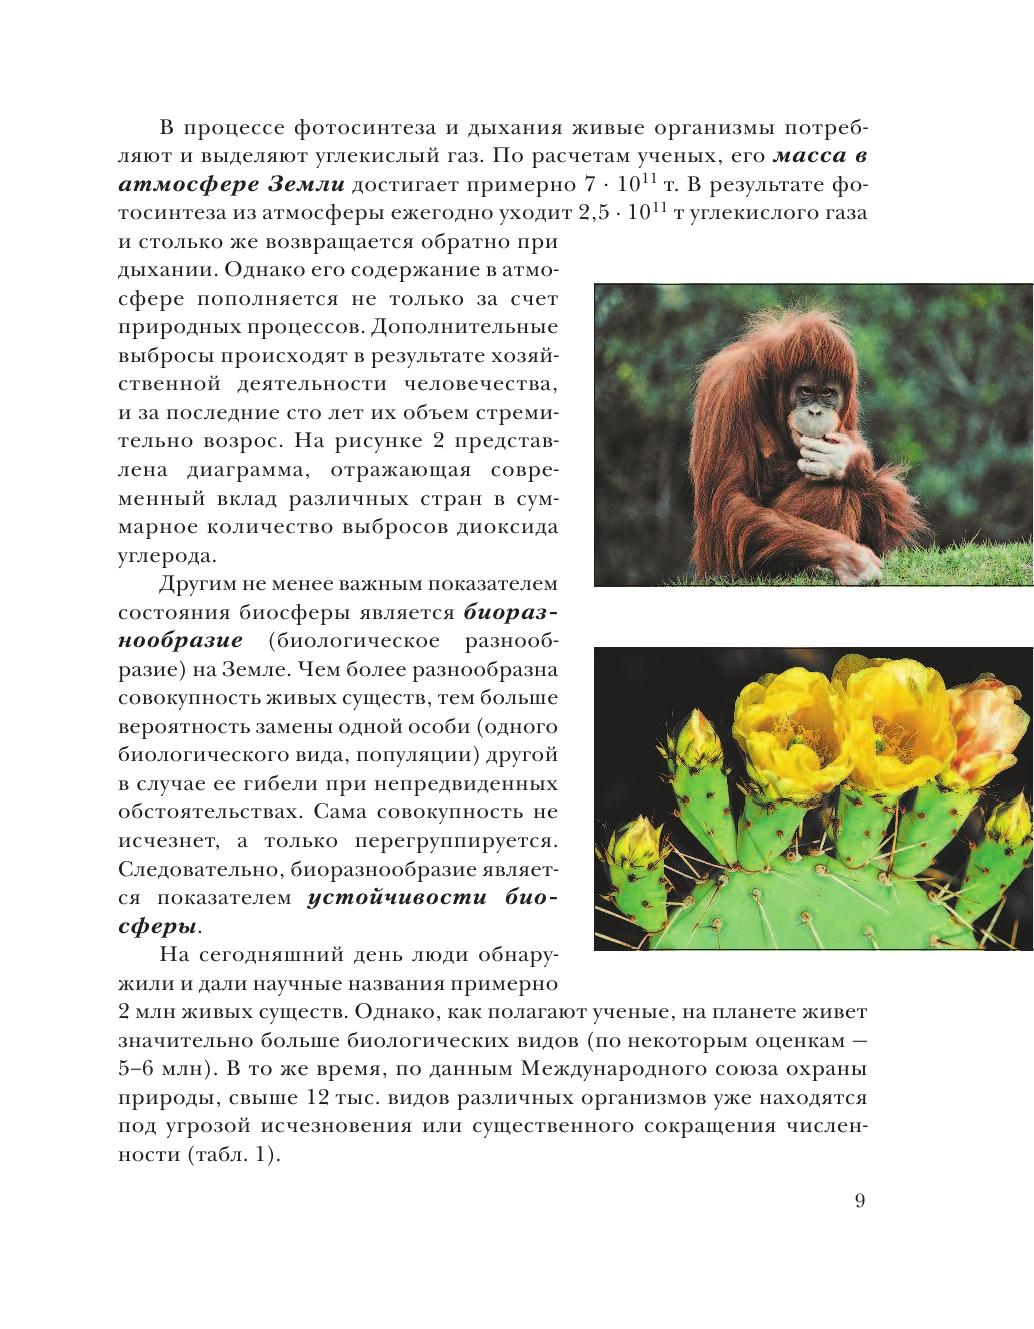 Экология. 9 класс. Биосфера и человечество. Учебное пособие - страница 9